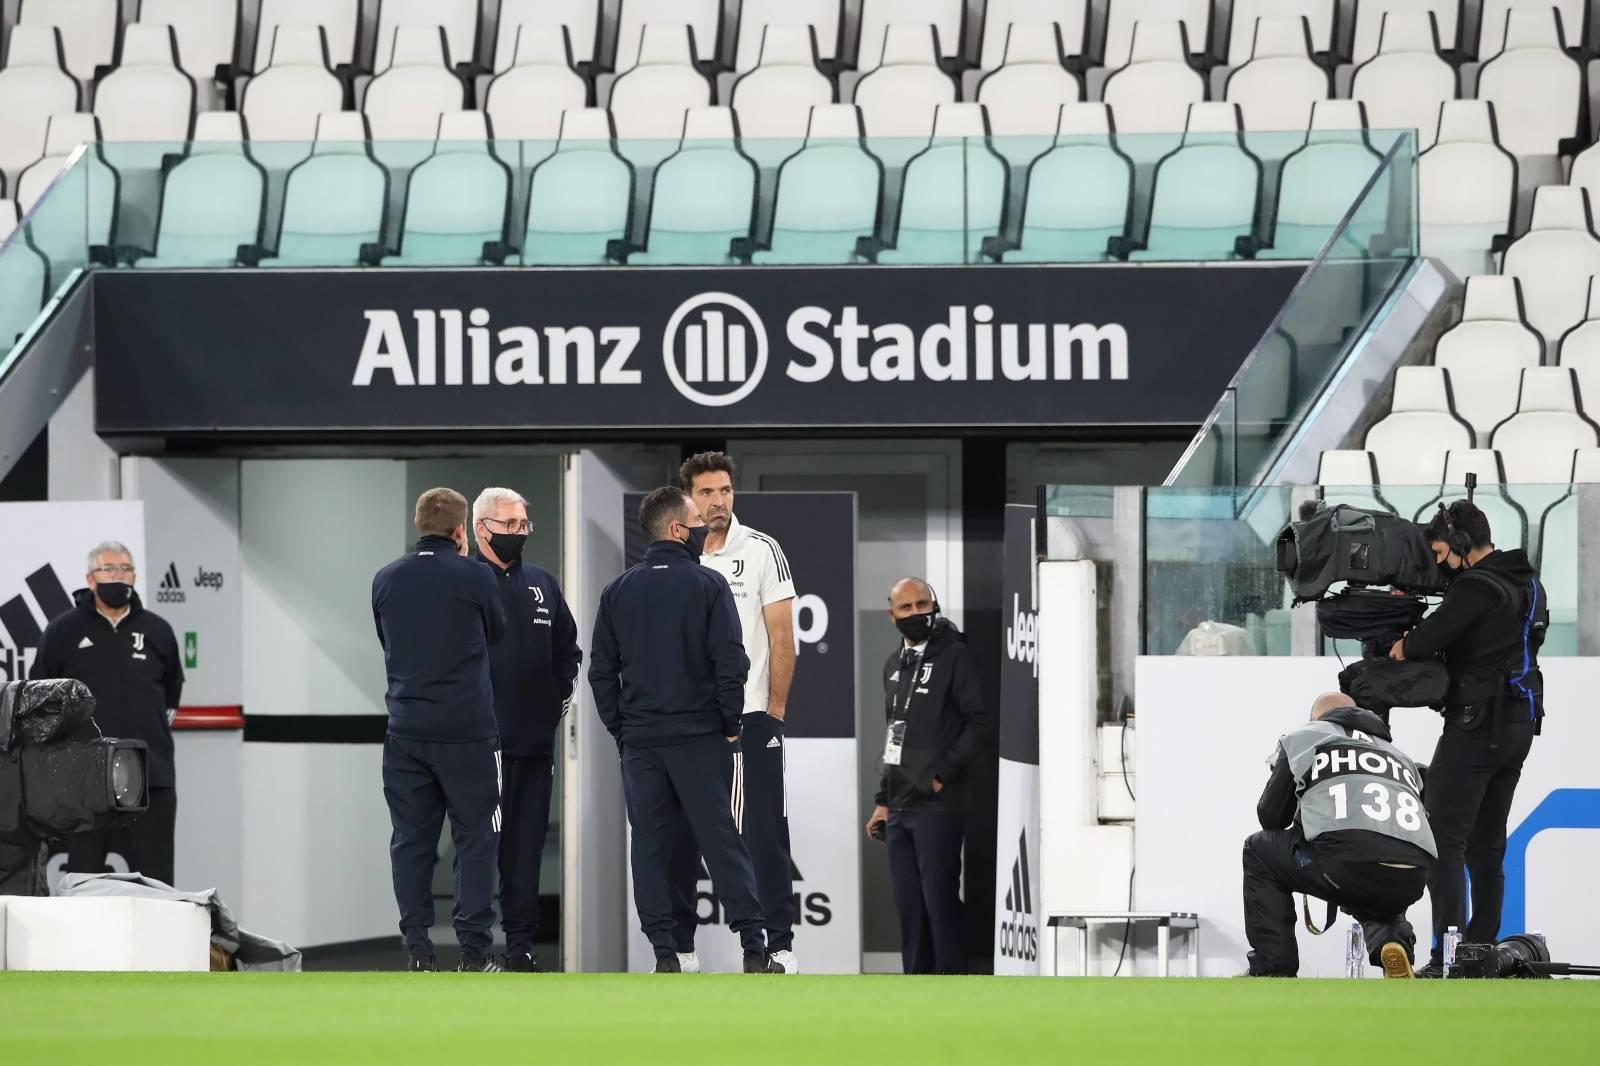 Juventus v Napoli - Serie A - Allianz Stadium